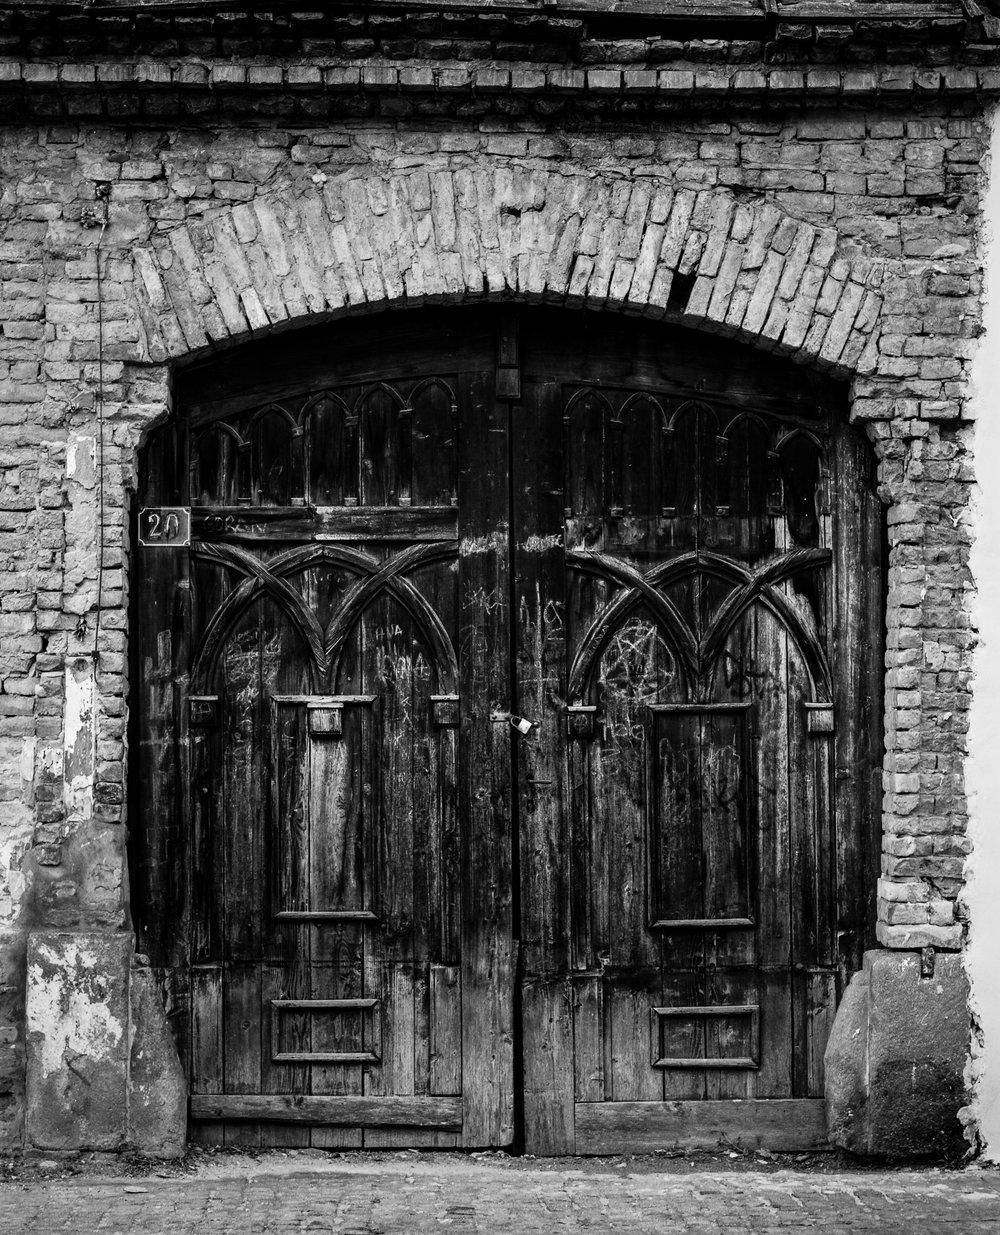 Gate: 20